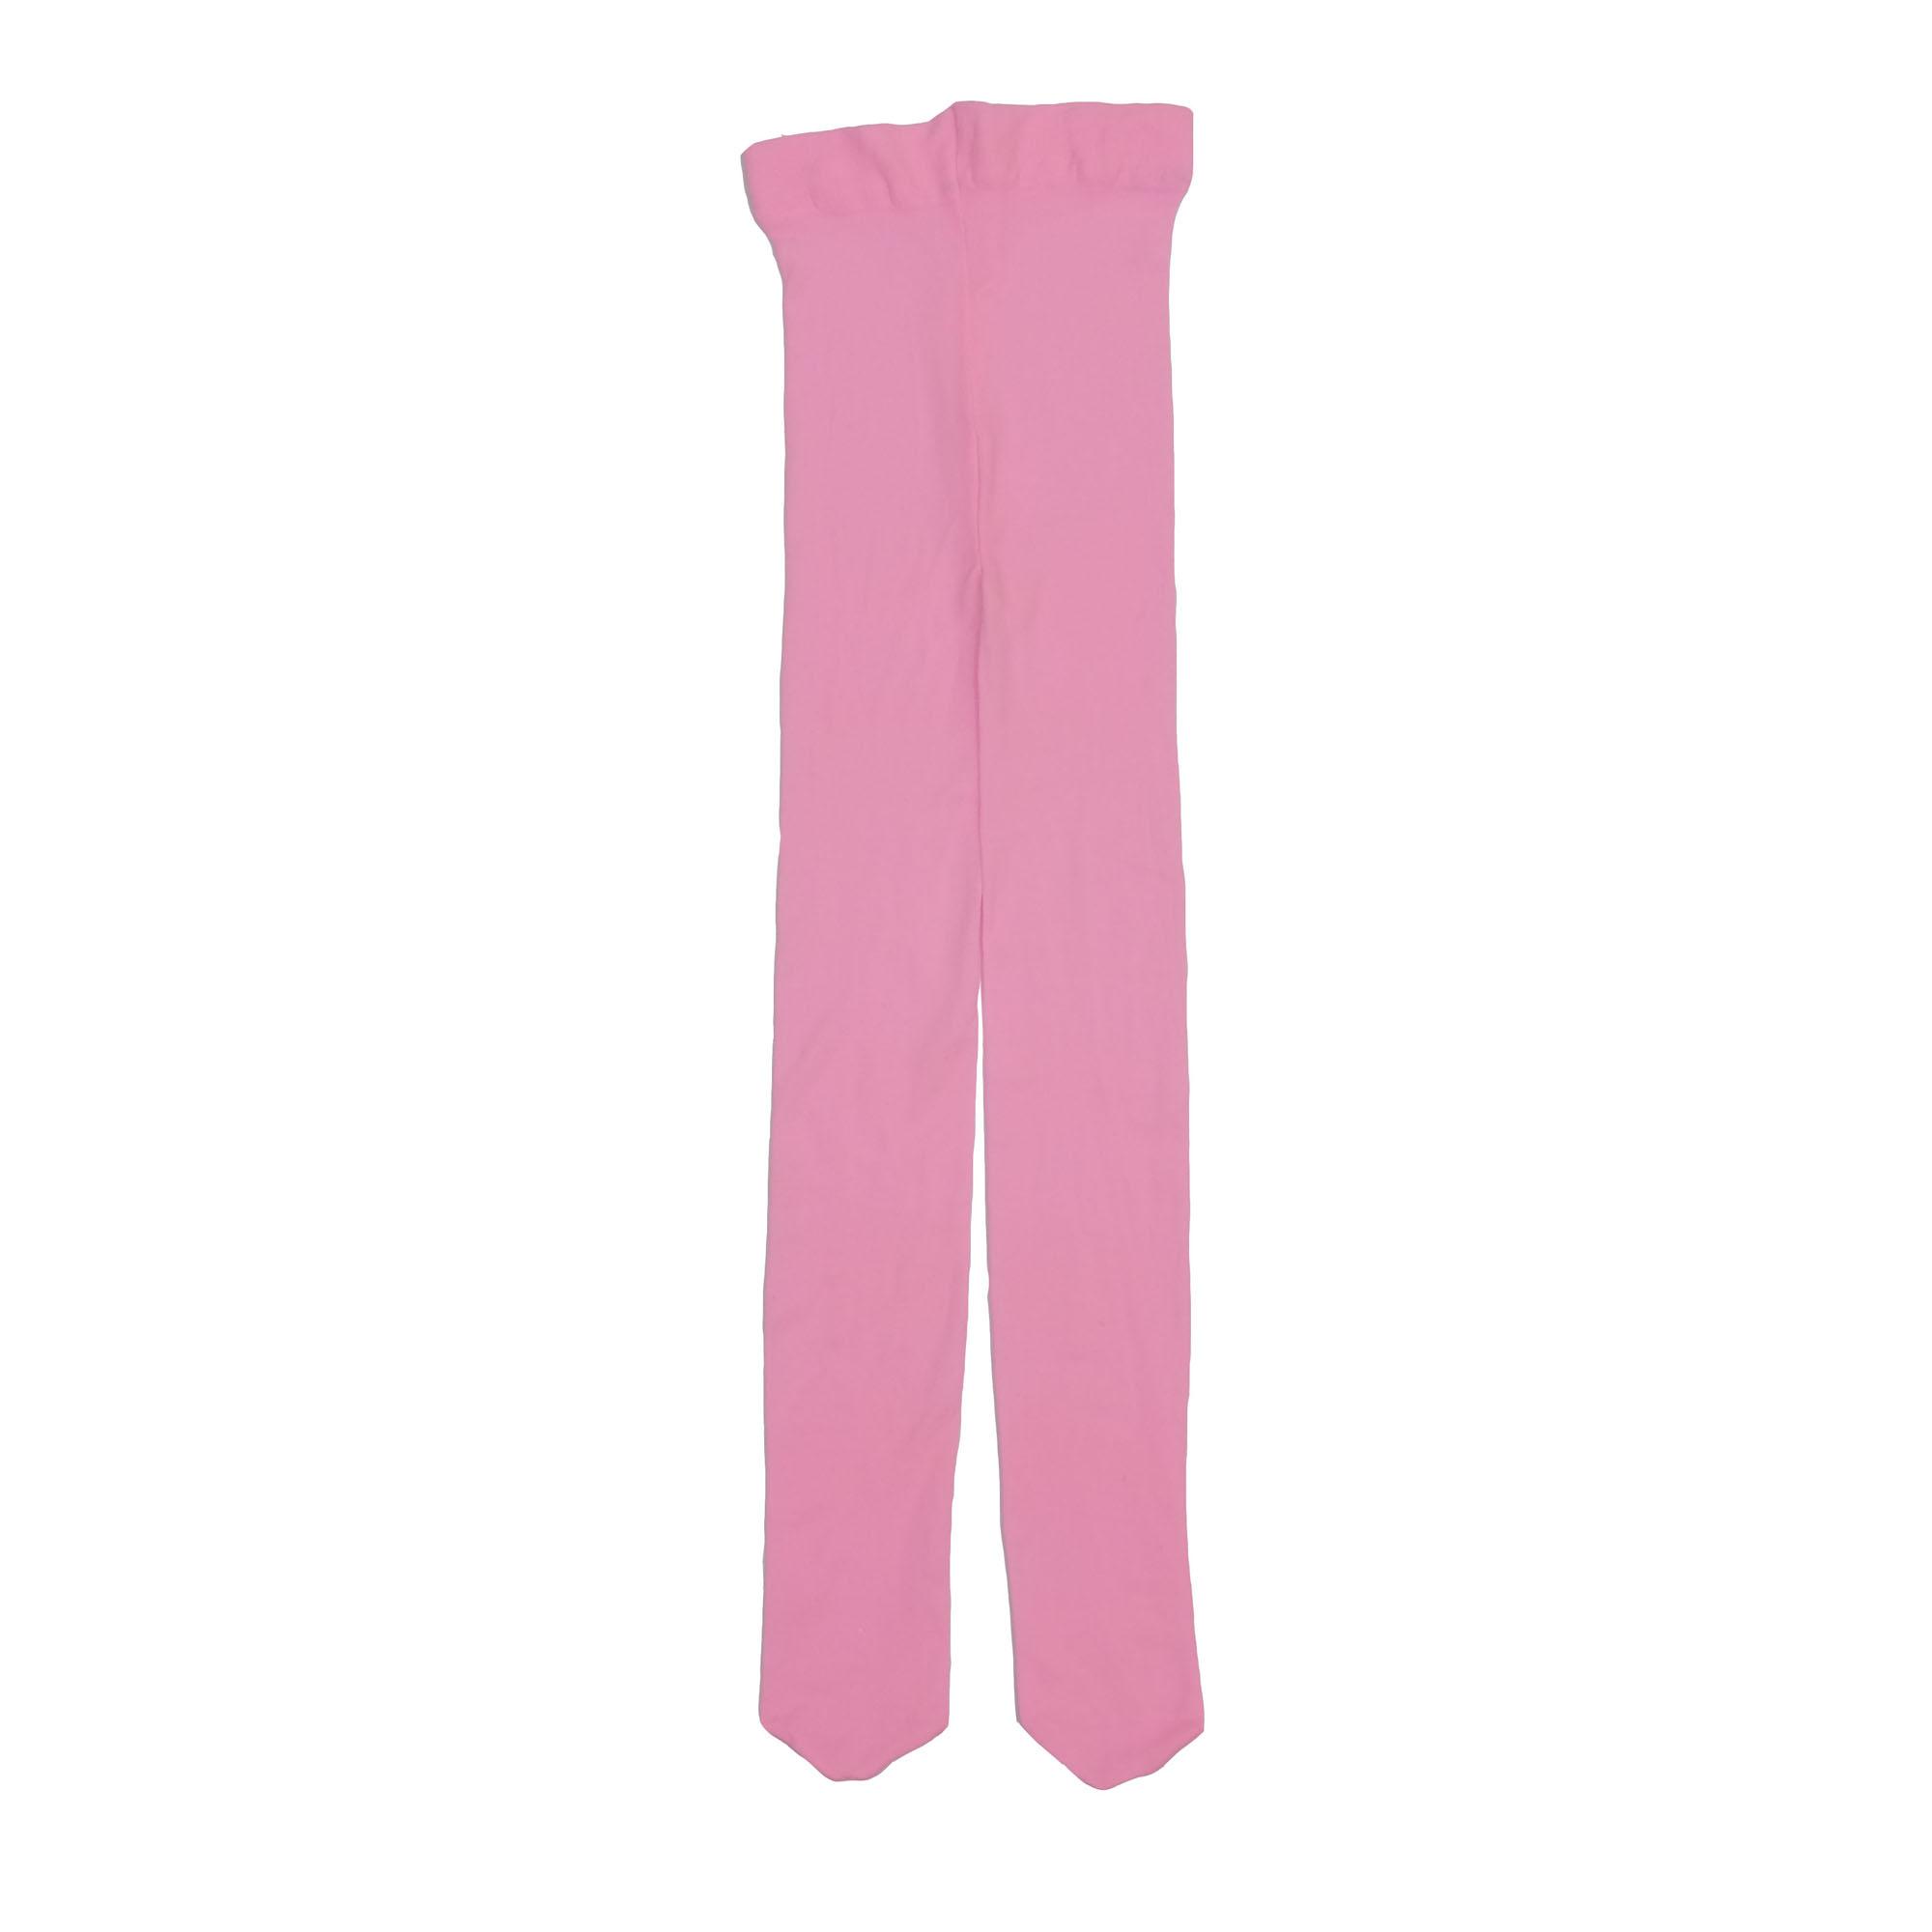 جوراب شلواری دخترانه ال سی وایکیکی کد 0S2246Z4-MRM